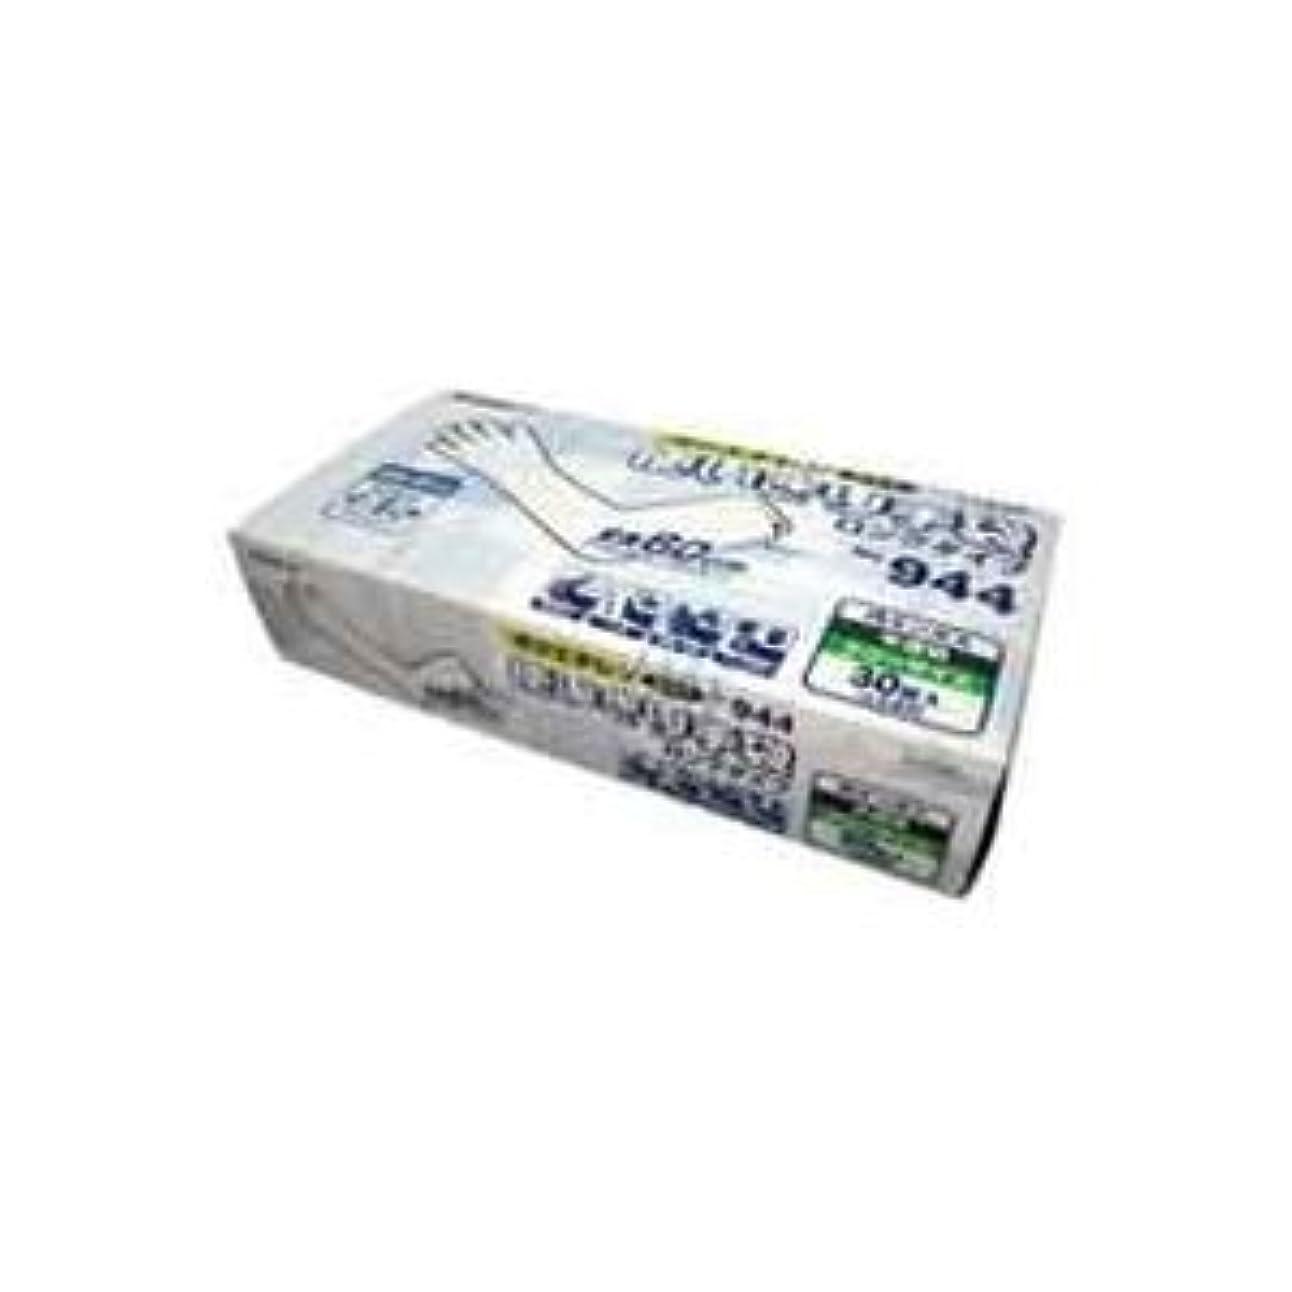 仕事に行く関数縫い目インテリア 日用雑貨 掃除用品 (業務用3セット)モデルローブNo.944 ポリエチレン 半透明 30枚